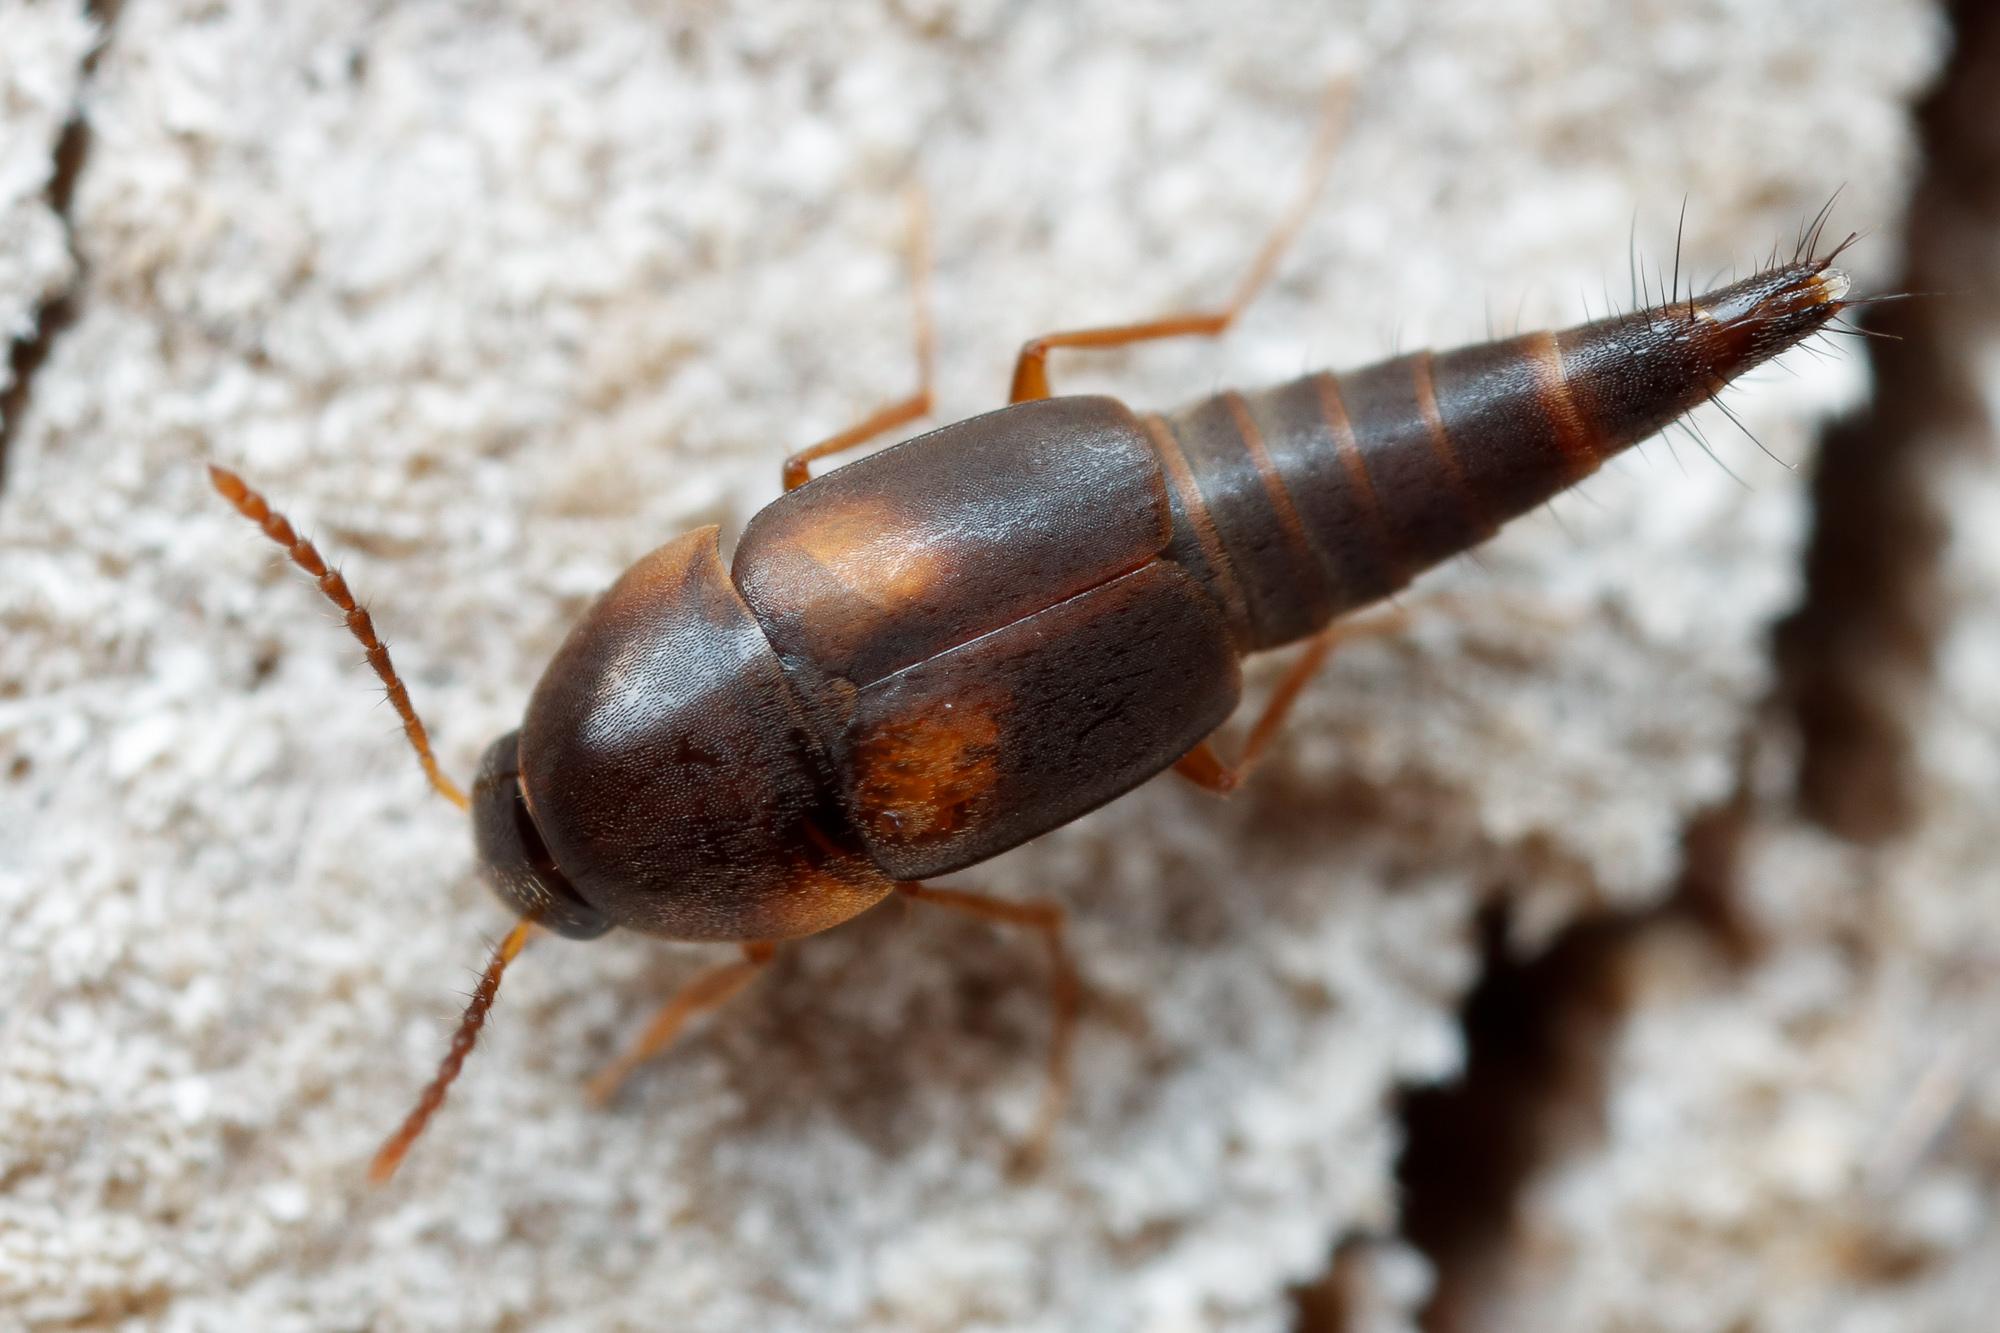 Sepedophilus littoreus, kortvinge